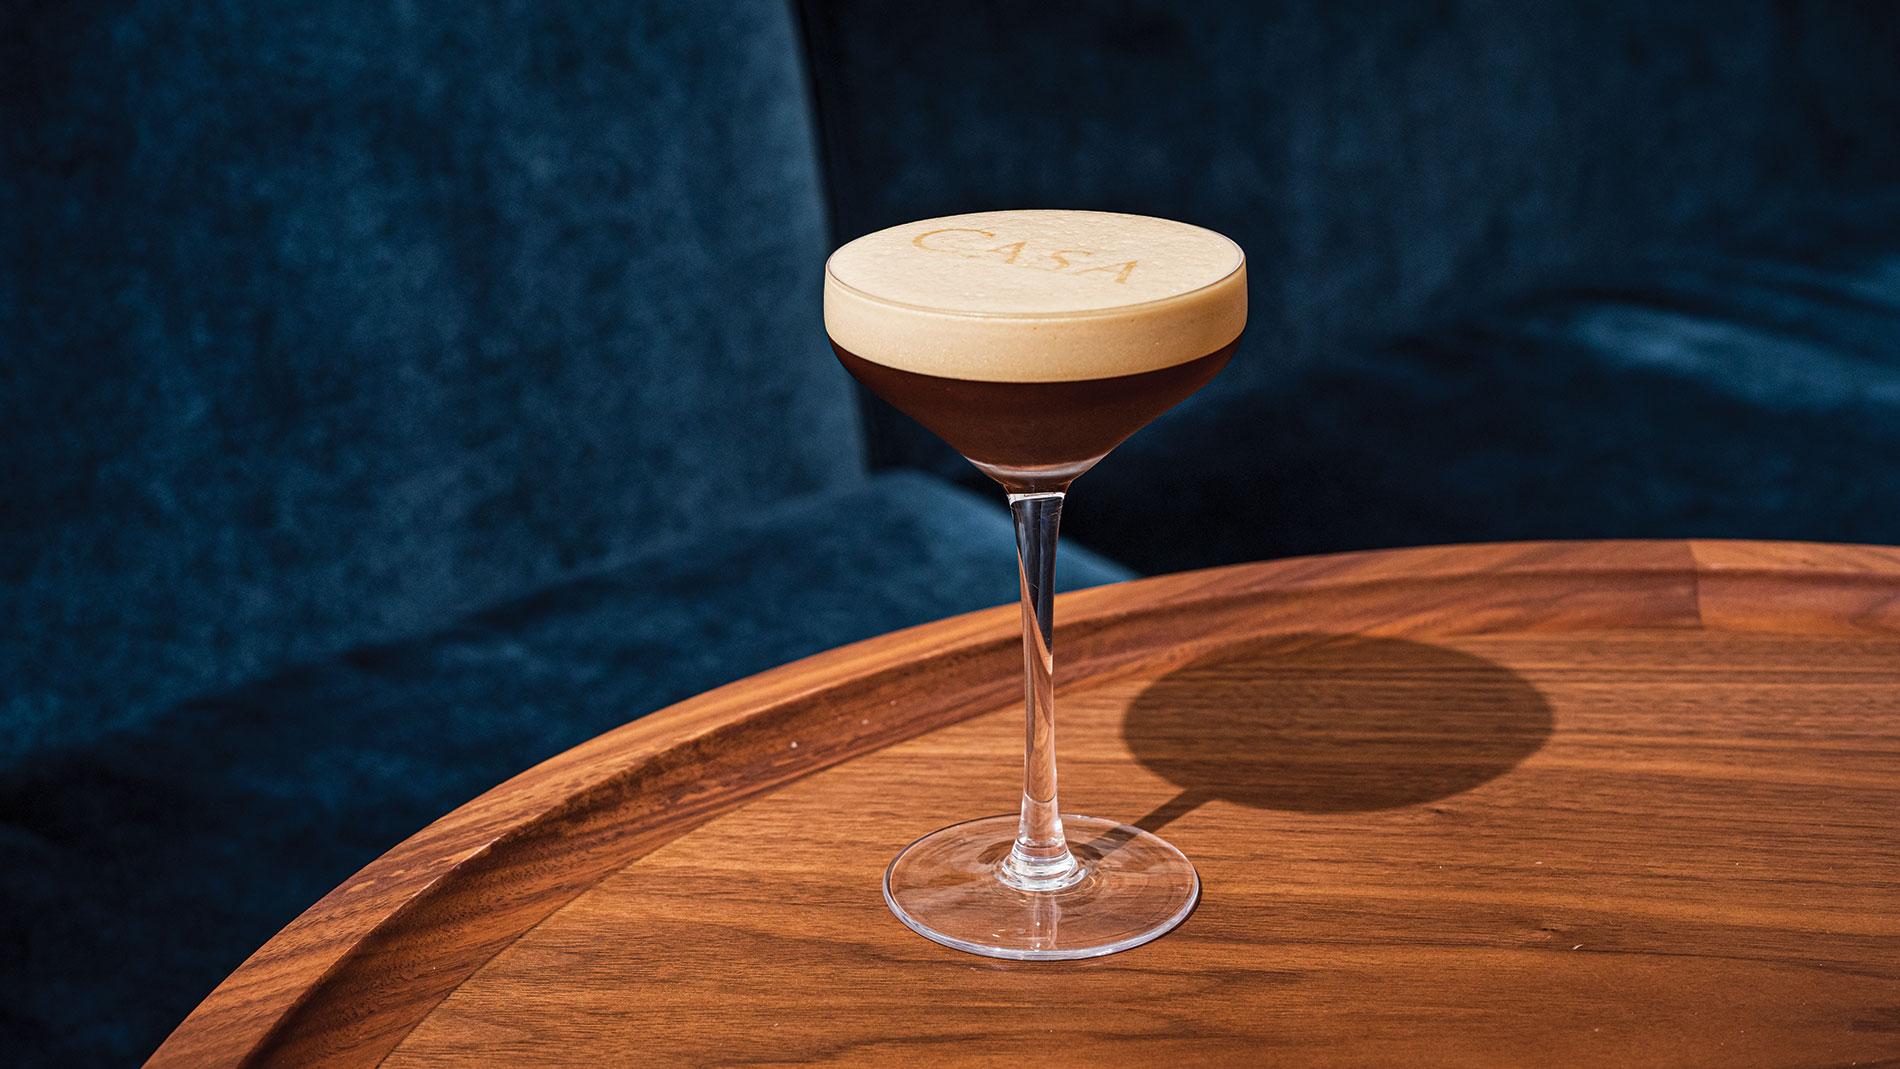 espresso martini at casa don alfonso in clayton